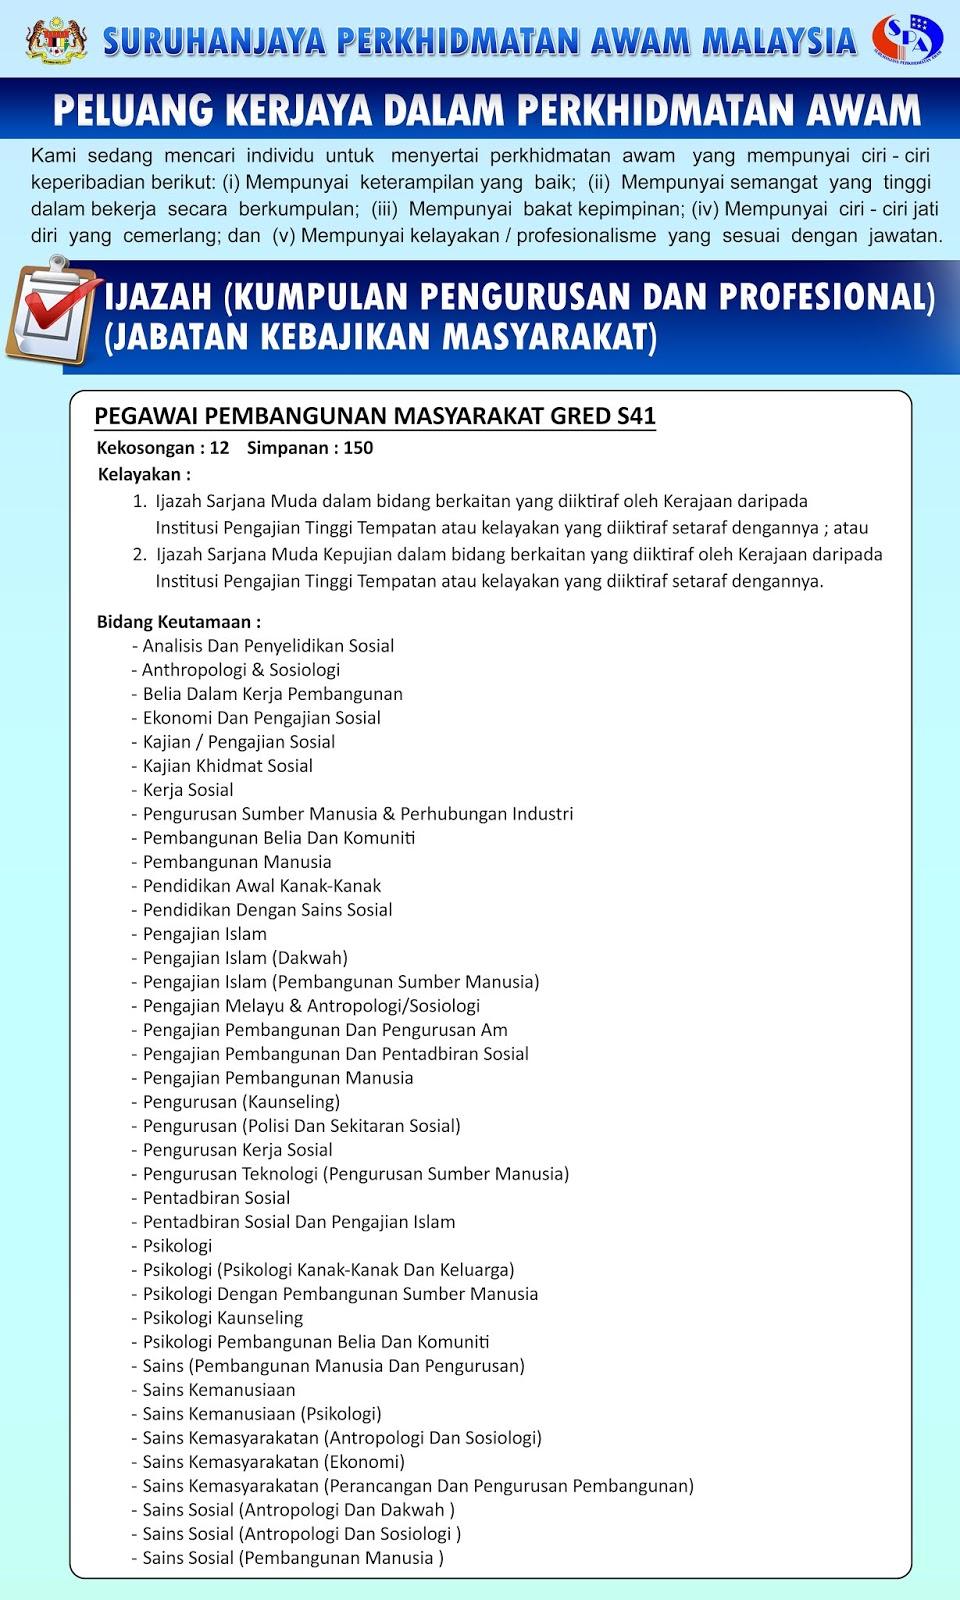 Kekosongan Jawatan Di Jabatan Kebajikan Masyarakat Malaysia Pegawai Pembangunan Masyarakat Gred S41 Semakjawatan Com Jawatan Kosong Terkini